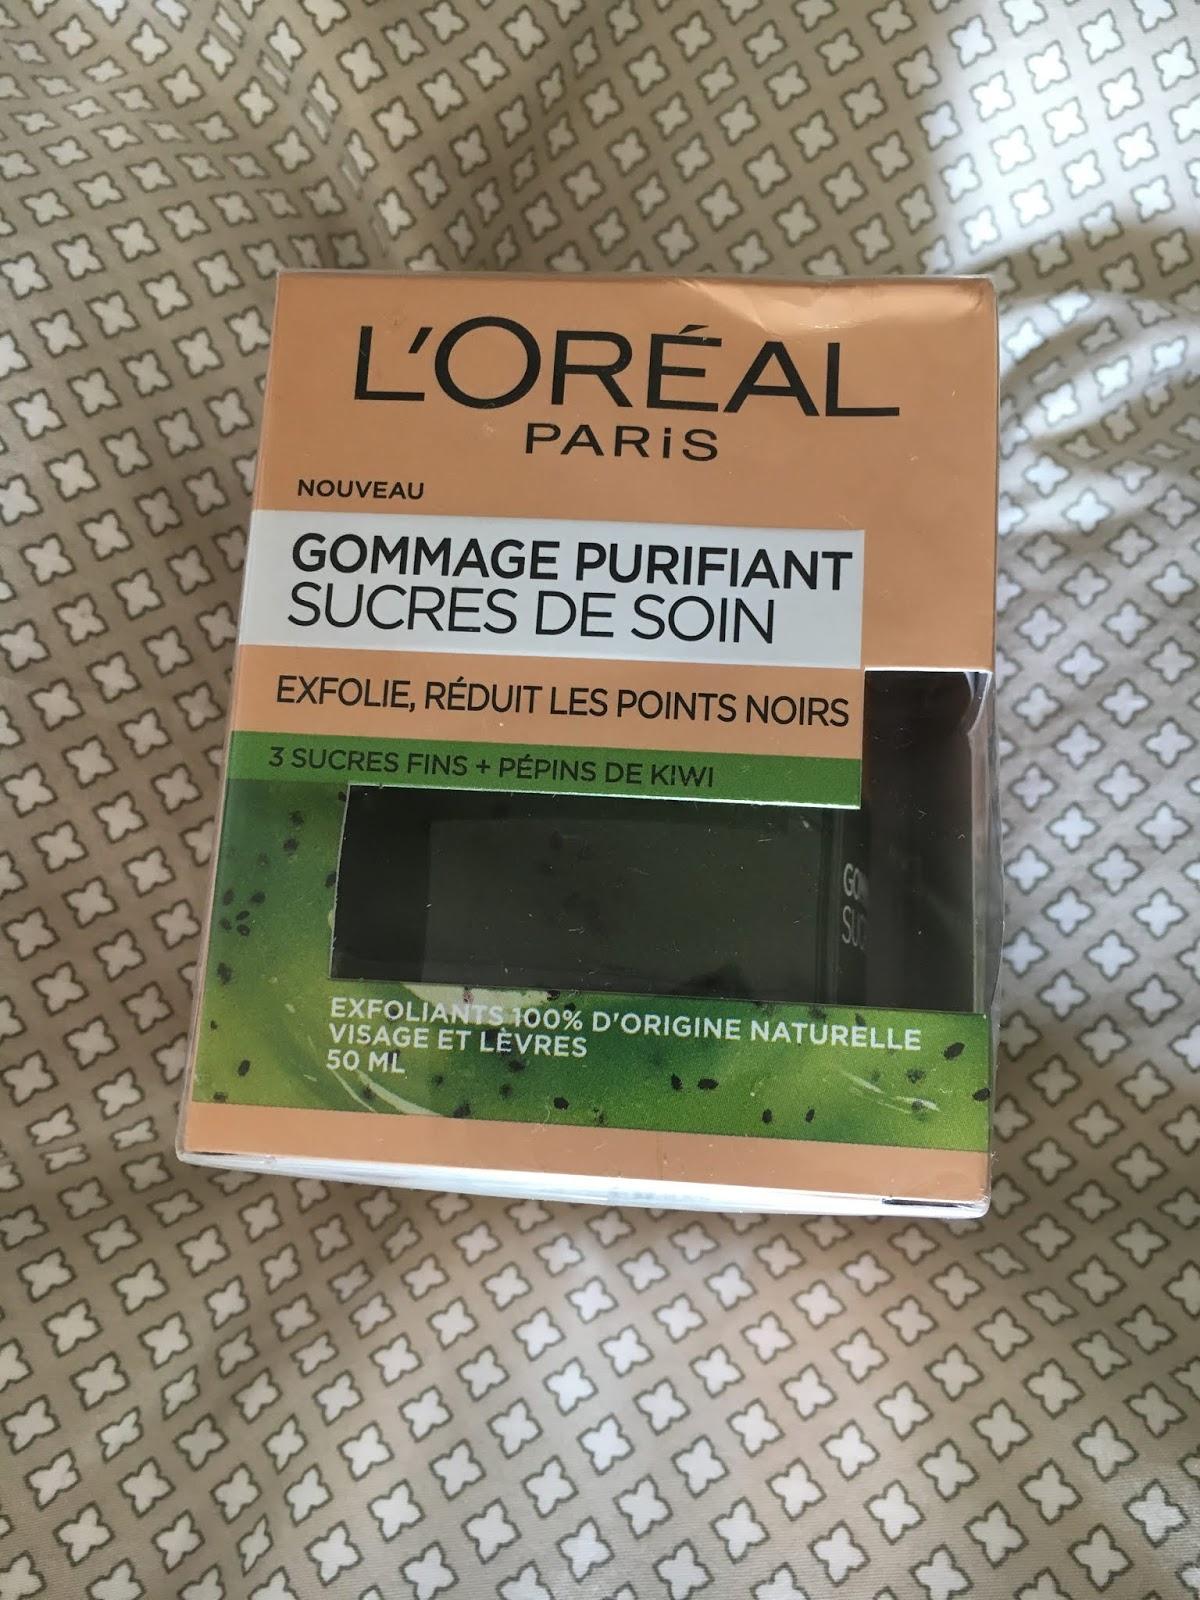 Et Gommage KiwiL'oréal Test De Sucres Purifiant Soin Pépins nXZ0wOkNP8